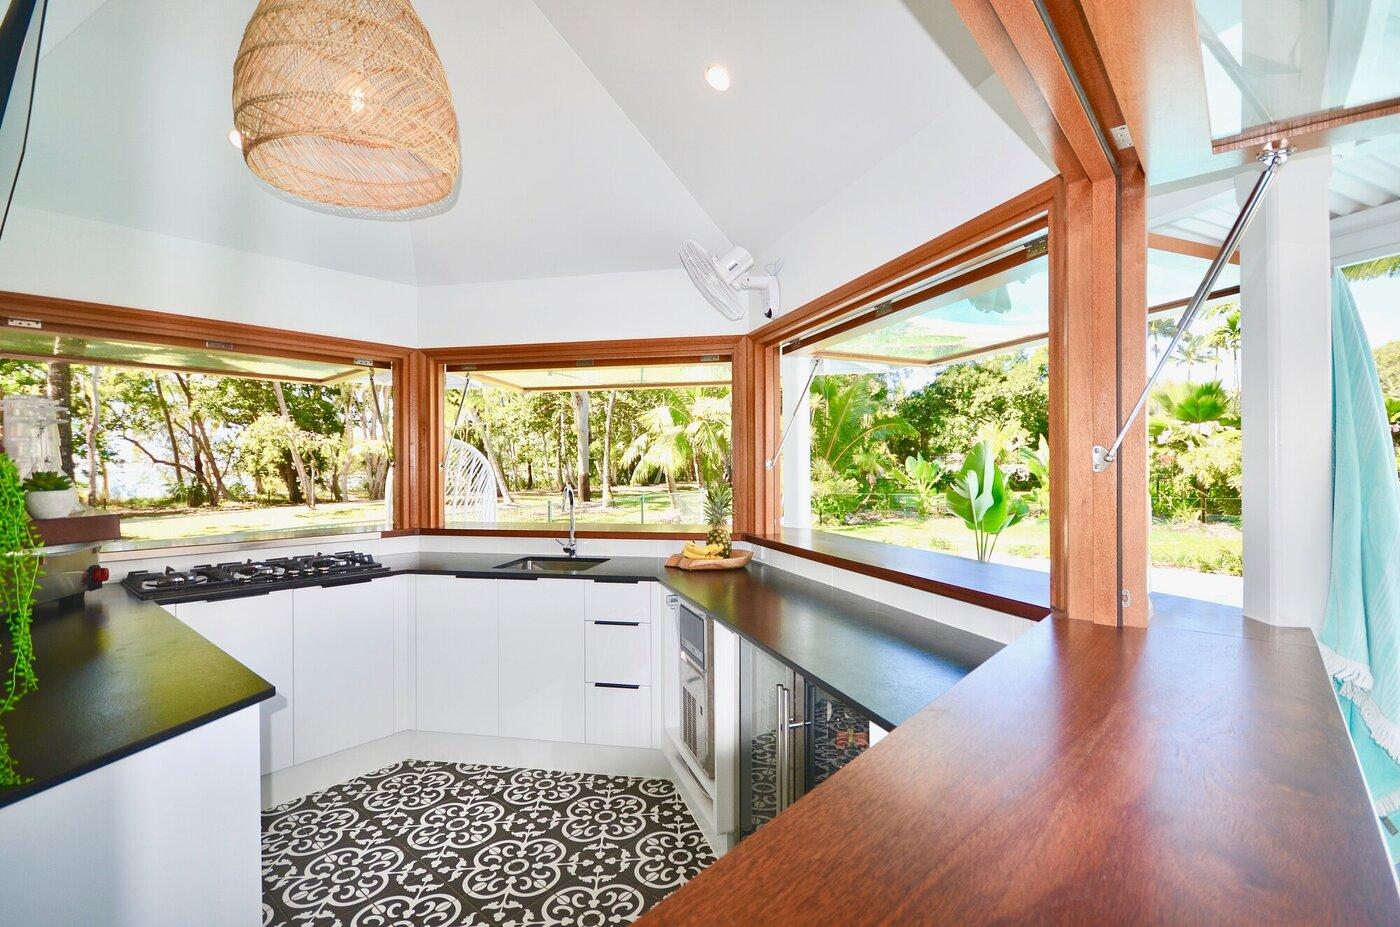 Custom designed pool cabana with full kitchen